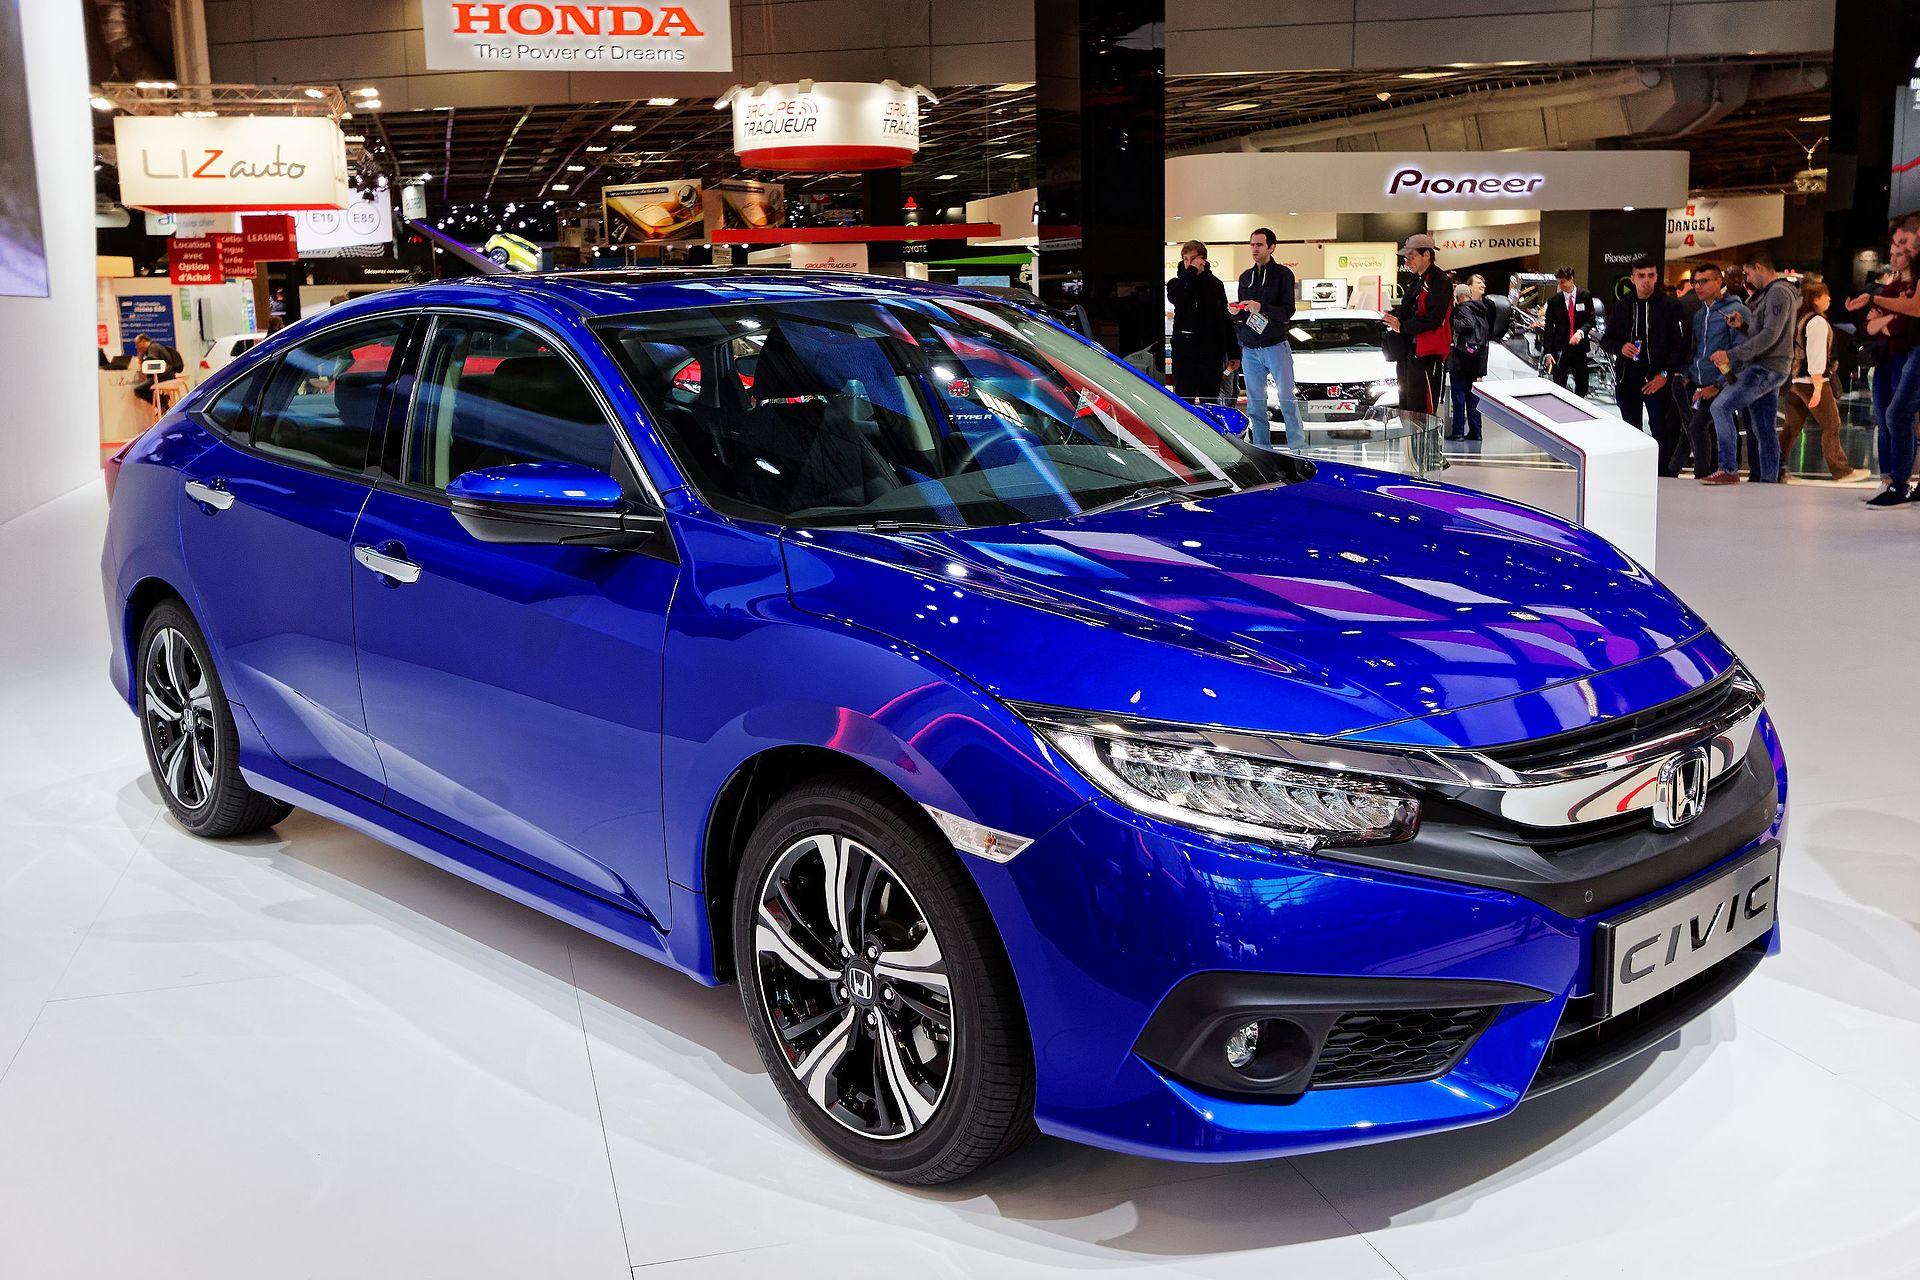 Honda Civic - Mondial de l'Automobile de Paris 2016 - 001.jpg